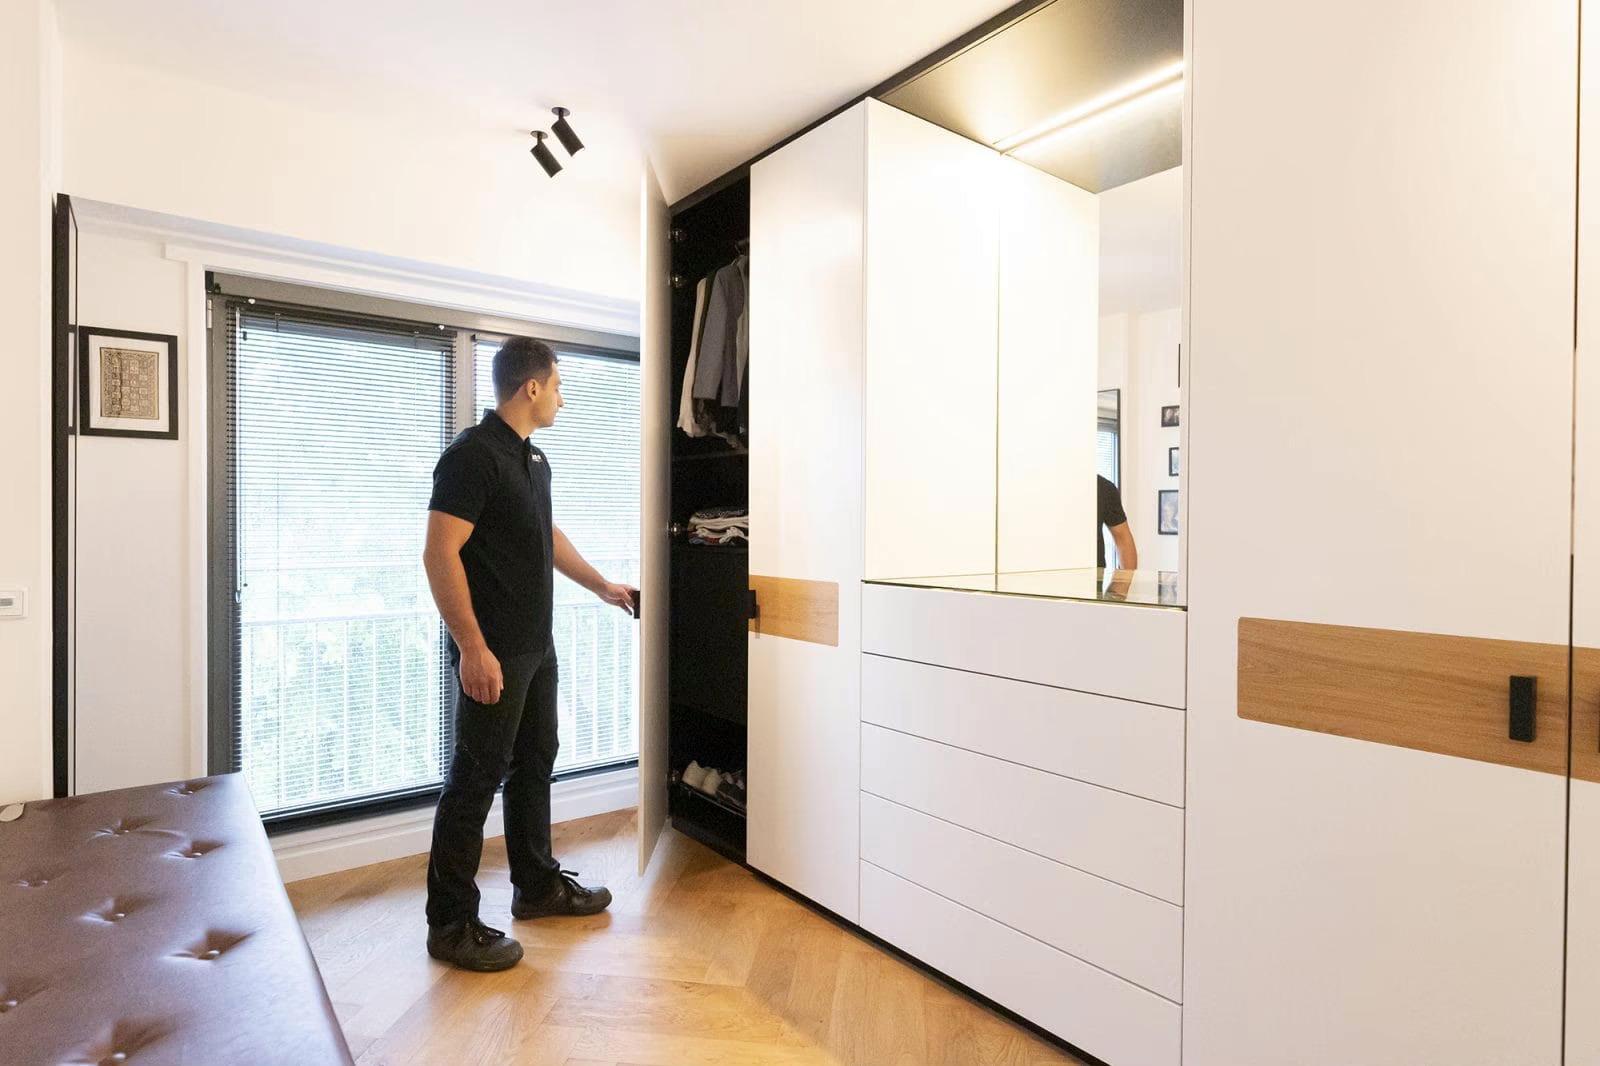 garderobe kast op maat gemaakt door meubelmaker Zoetermeer